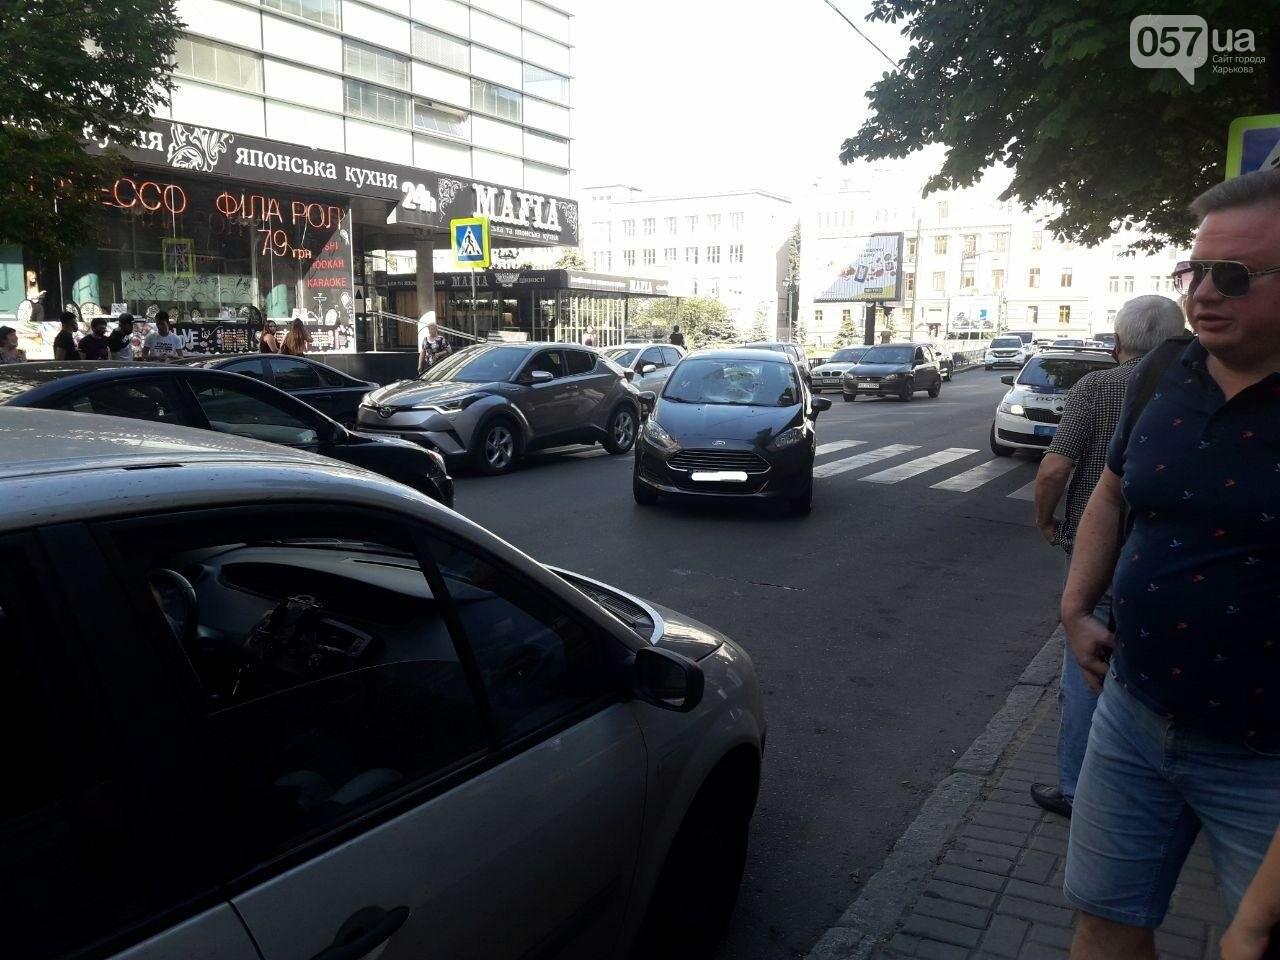 """На """"Пушкинской"""" легковое авто сбило пешехода на """"зебре"""": пострадавший в больнице, - ФОТО, фото-3"""